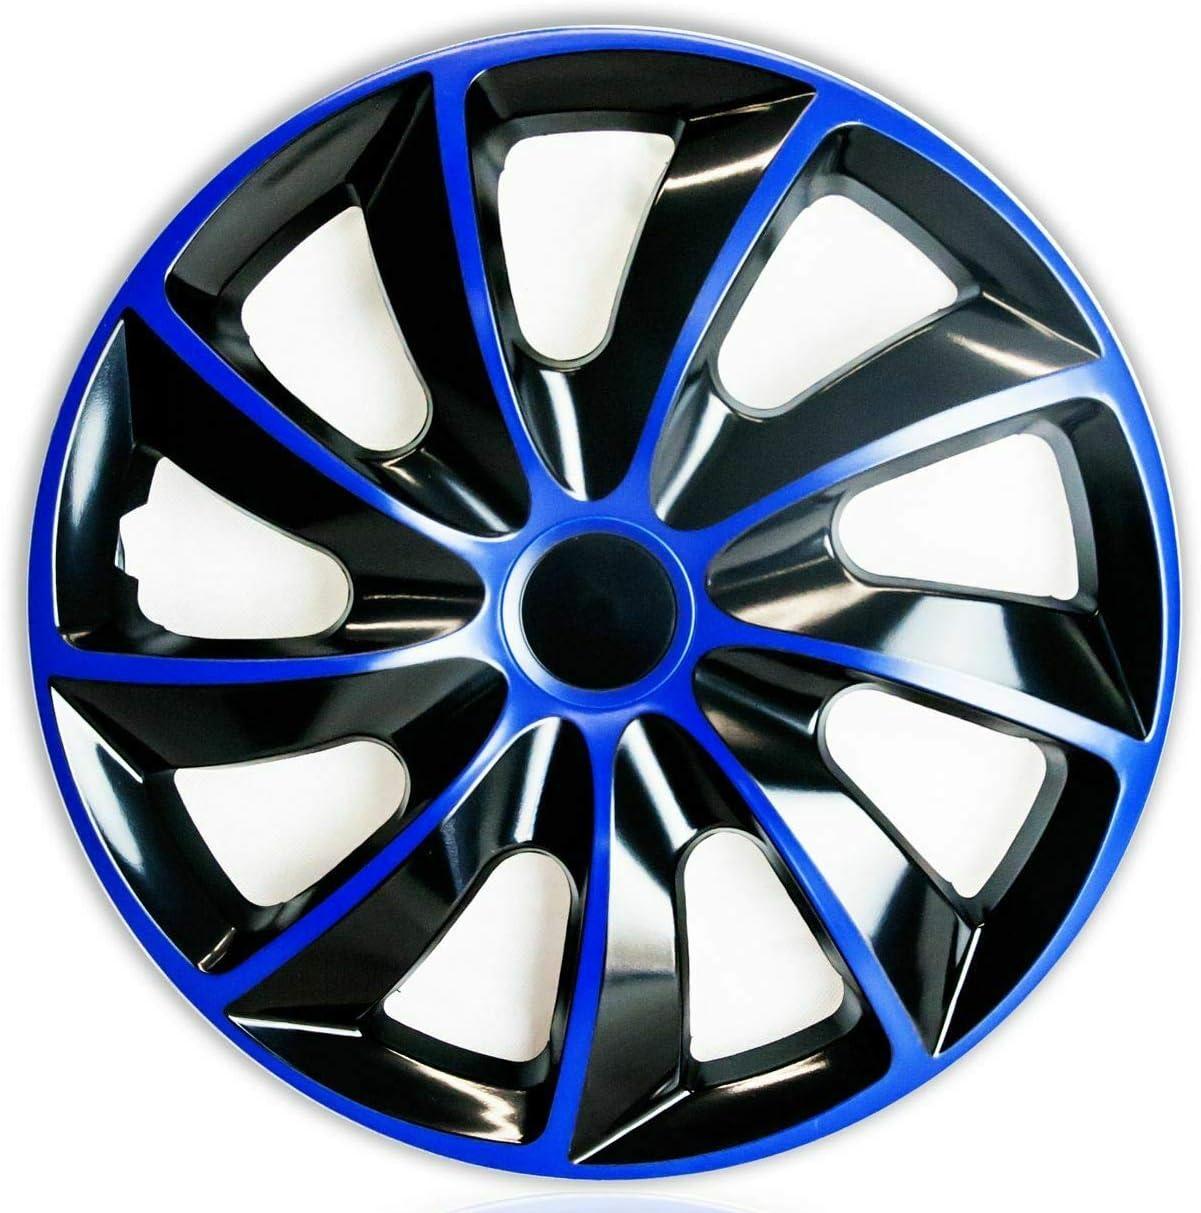 Teile 24 Eu Malinowski 4 X Radkappen 15 Radzierblenden Radblenden Satz 15 Zoll Blau Schwarz Premium Line Neu Art Nr Q15b Auto